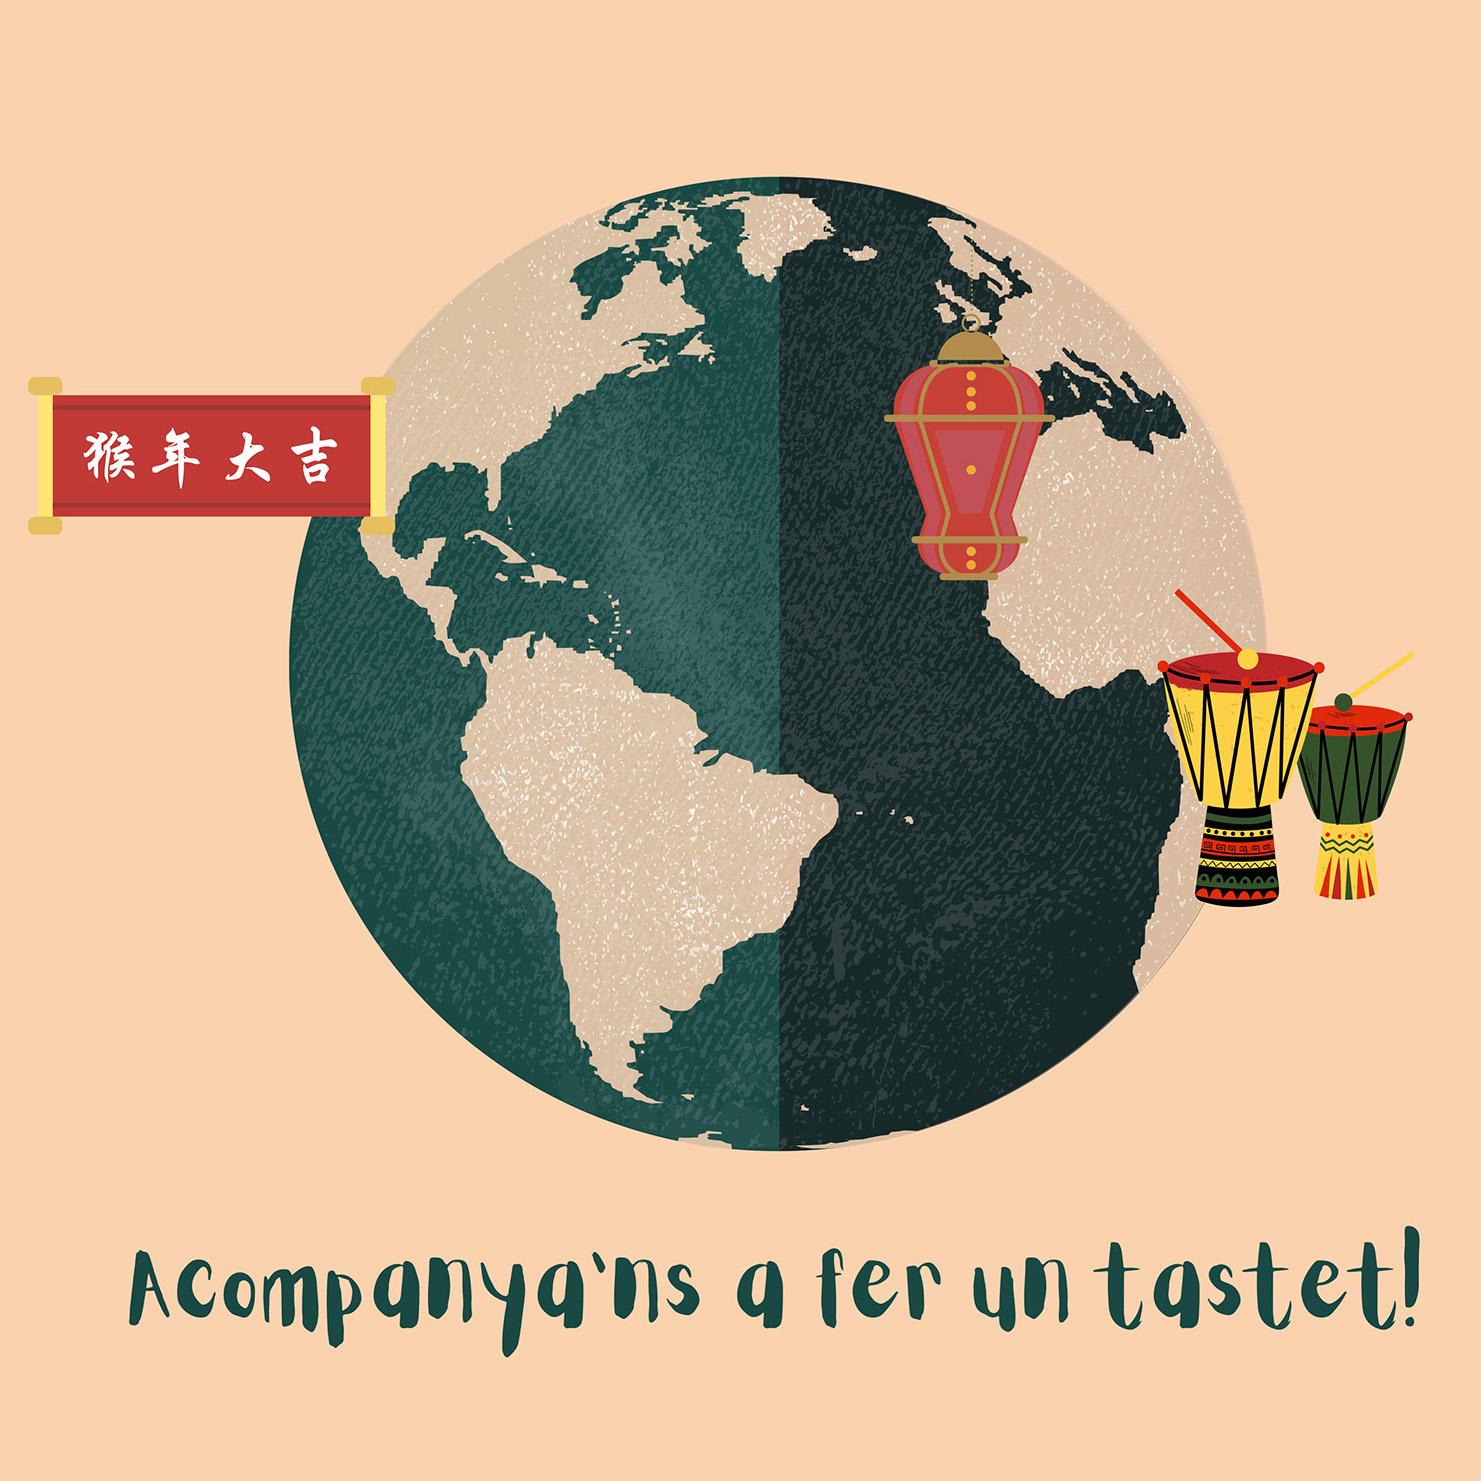 Tastets d'escriptura per celebrar el dia de la llengua materna, apunta't!